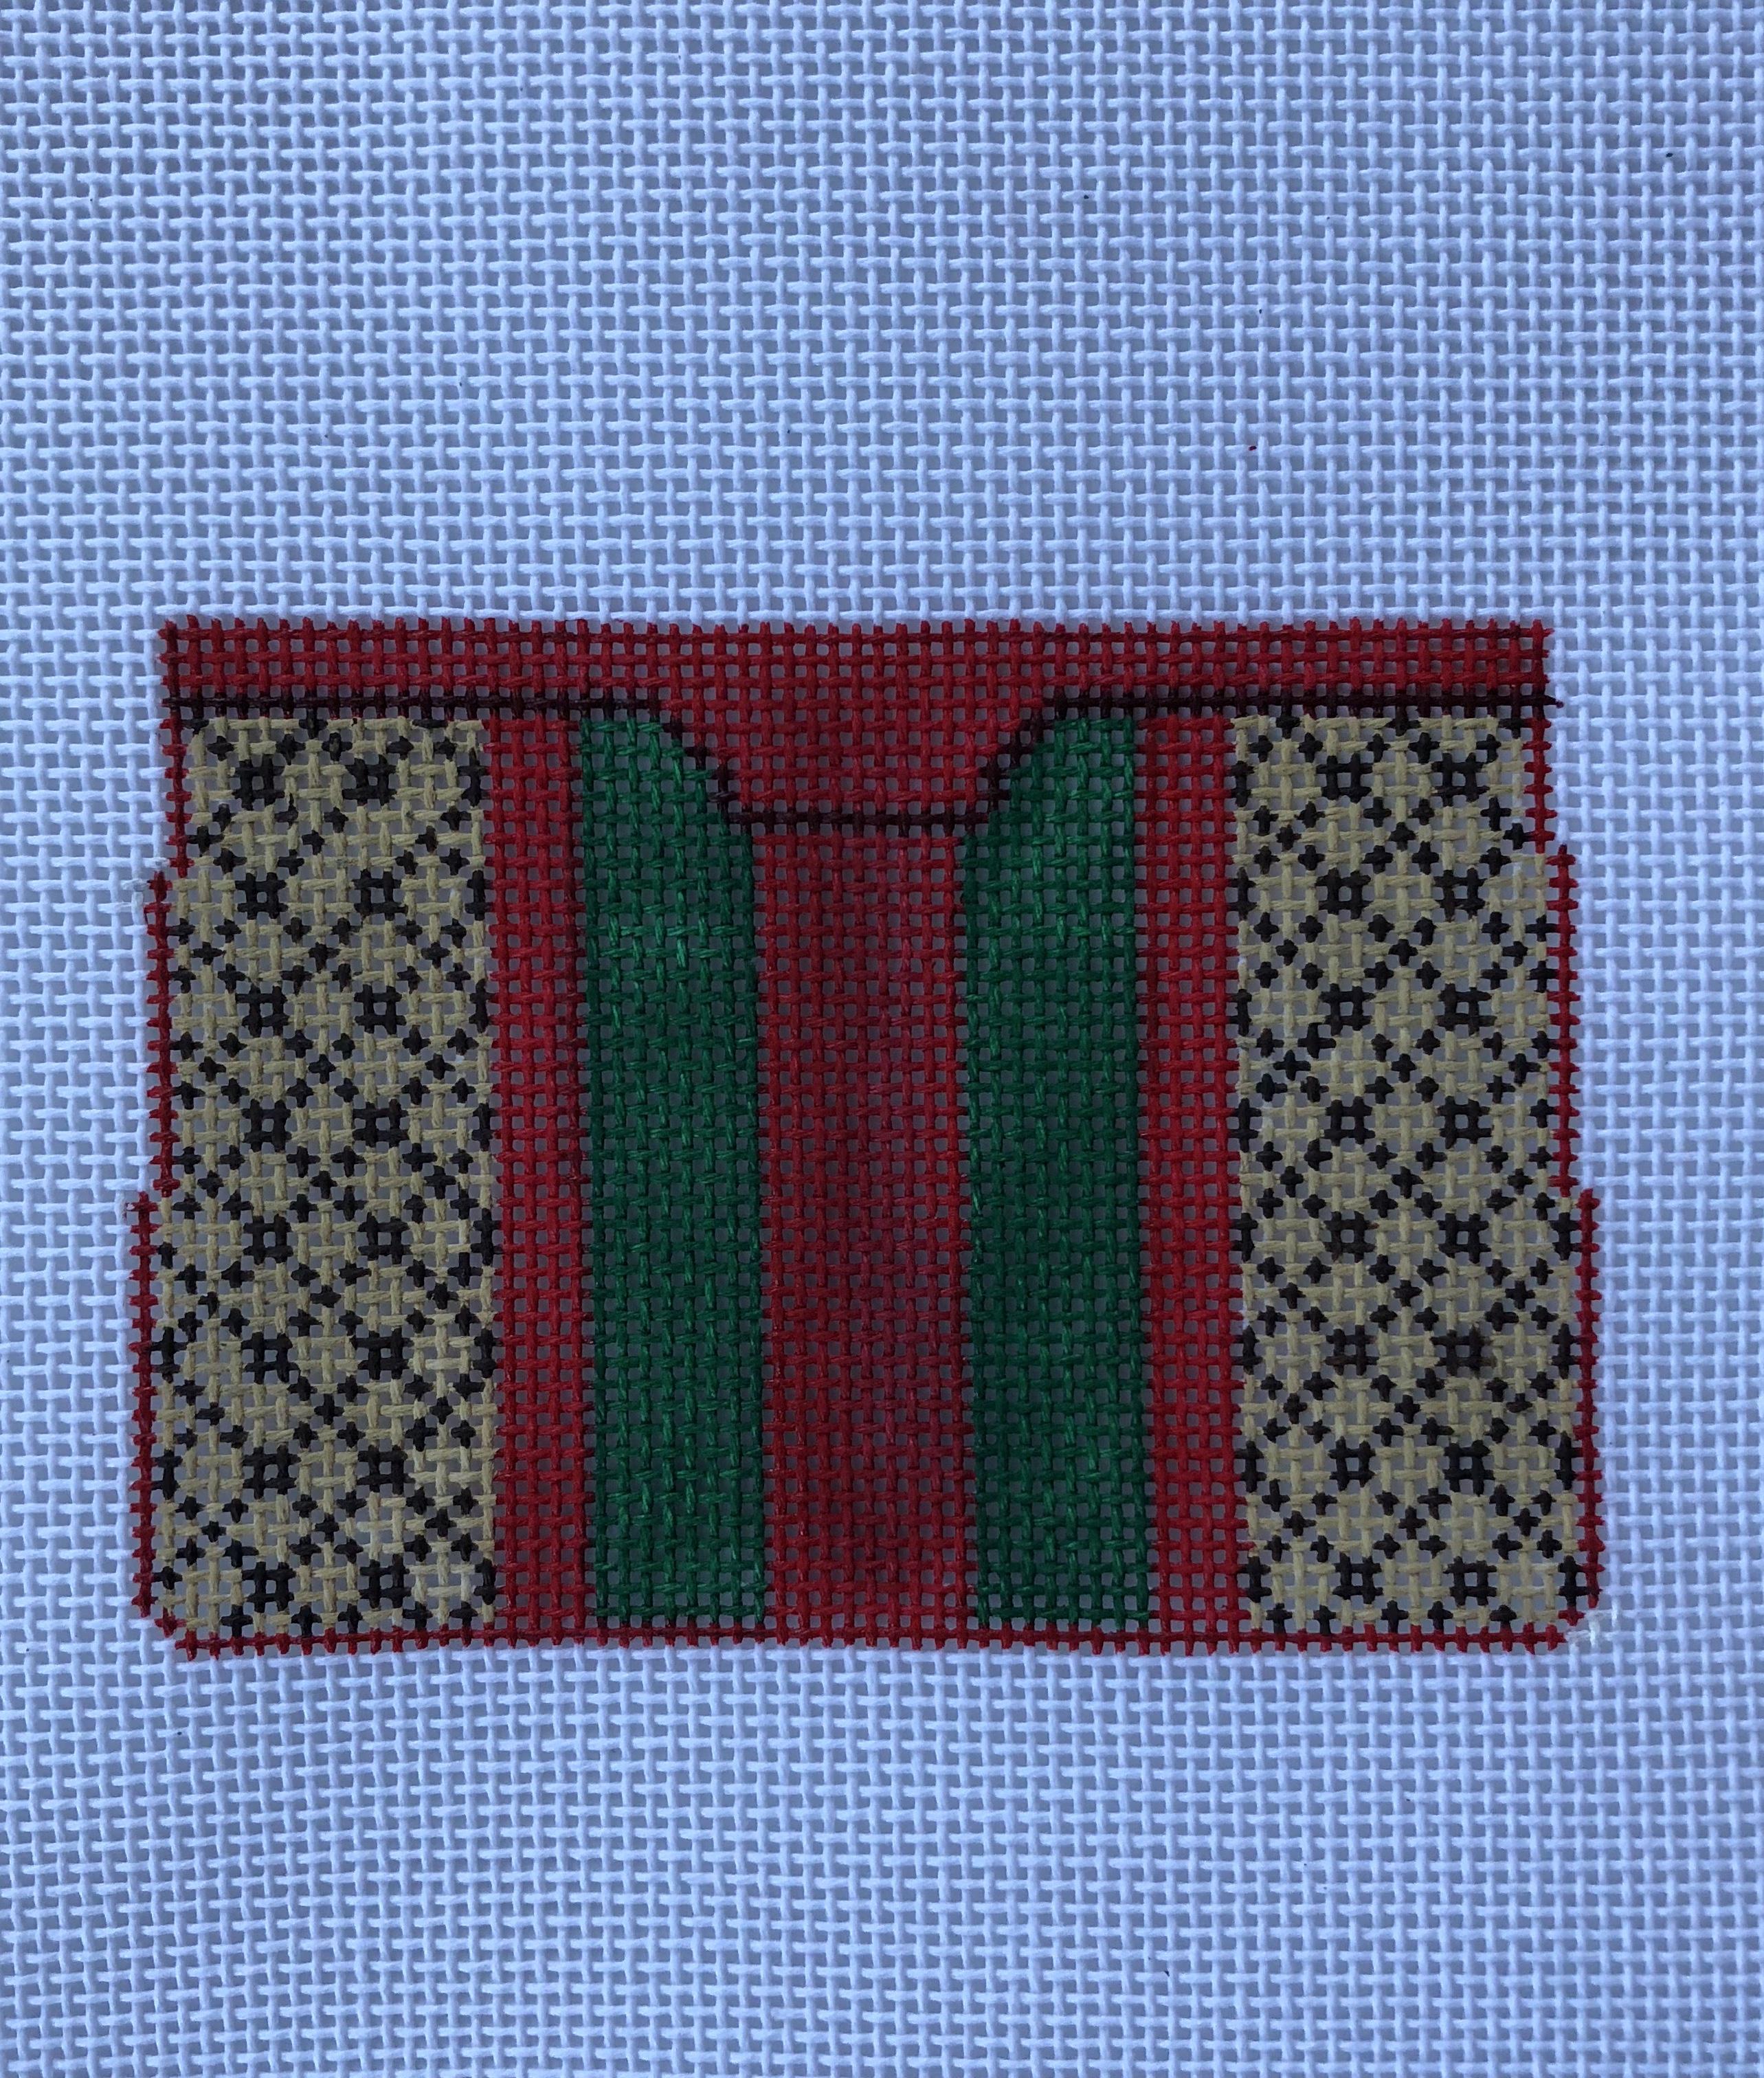 Mini Purse Ornament - Gucci Inspired